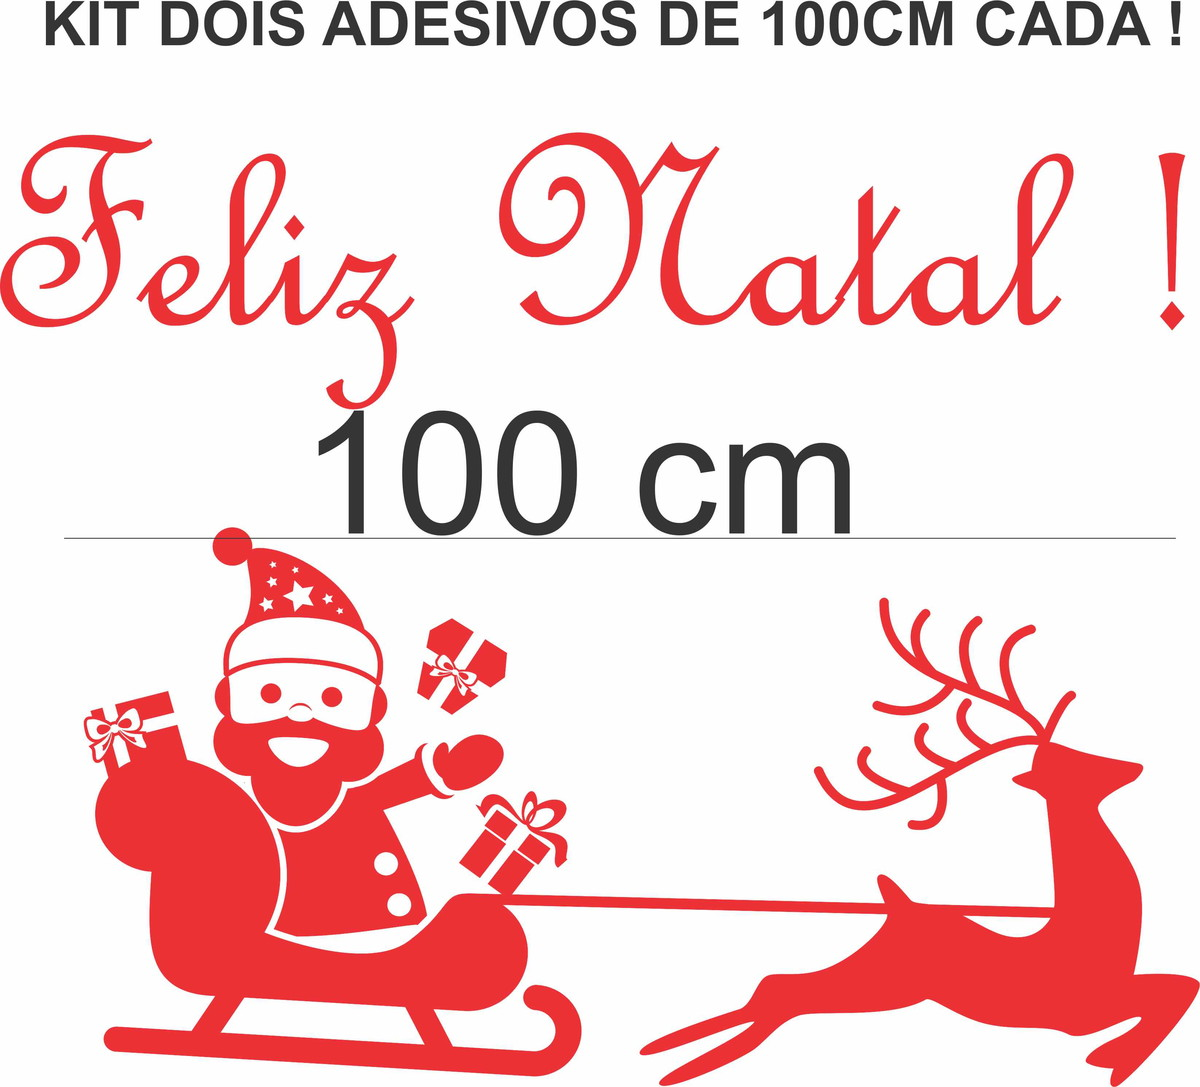 Adesivo De Parede Wolverine ~ Adesivos decorativos natal vitrine no Elo7 Adesivos Sempre Viva (5EE941)